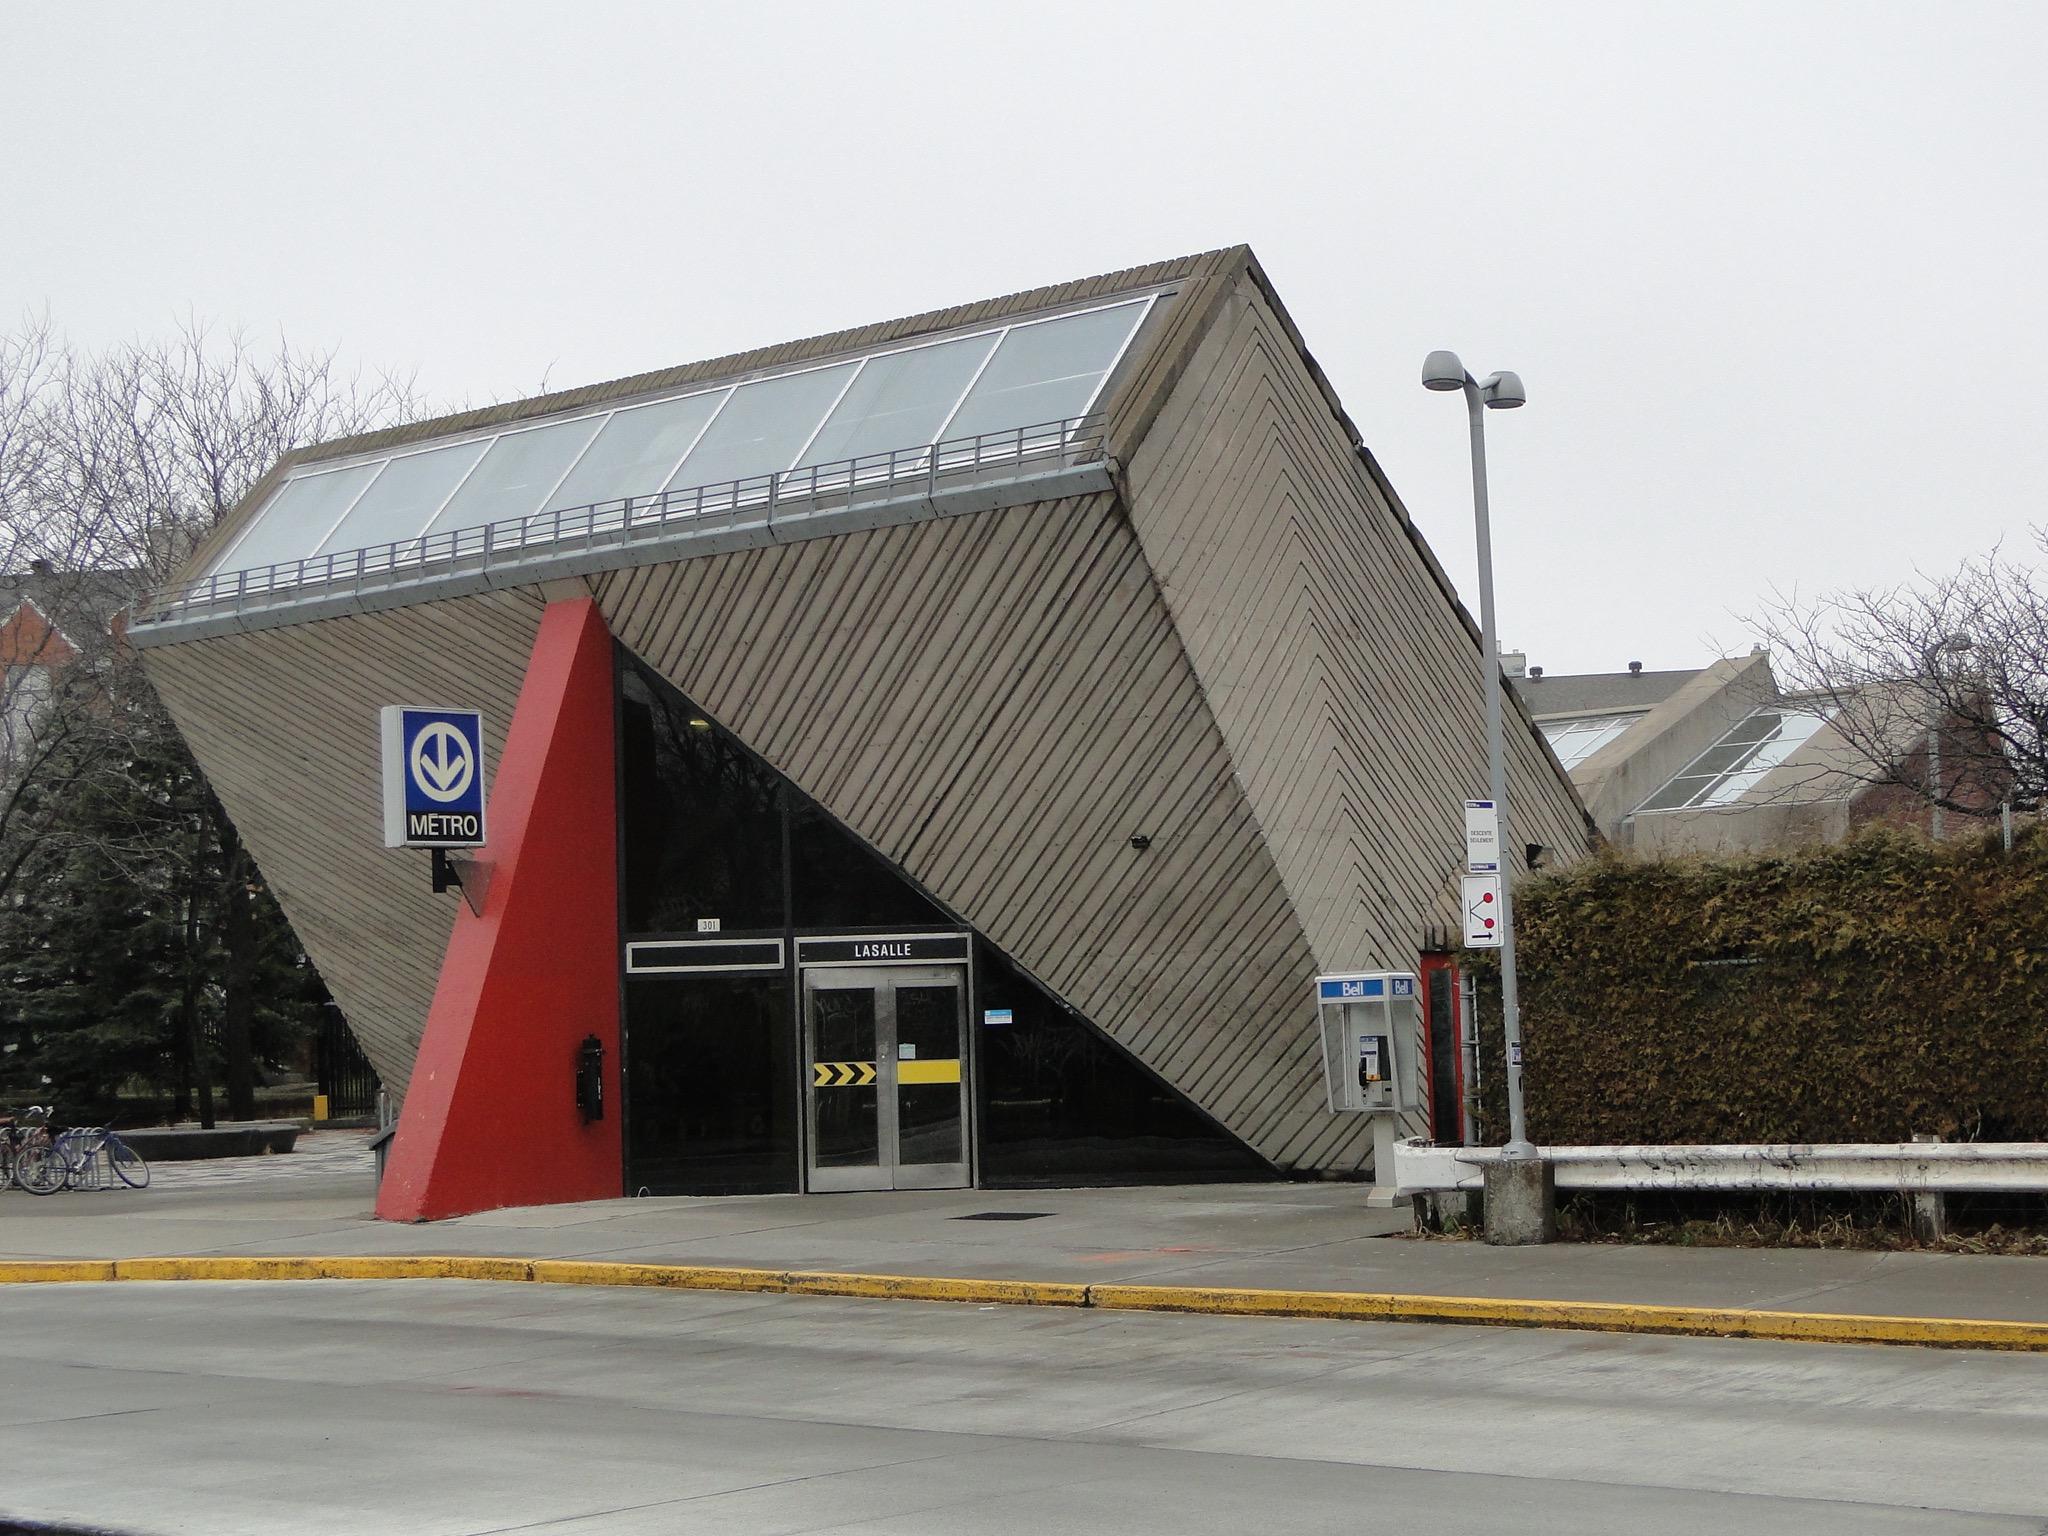 Édicule de la station Lasalle, métro de Montréal